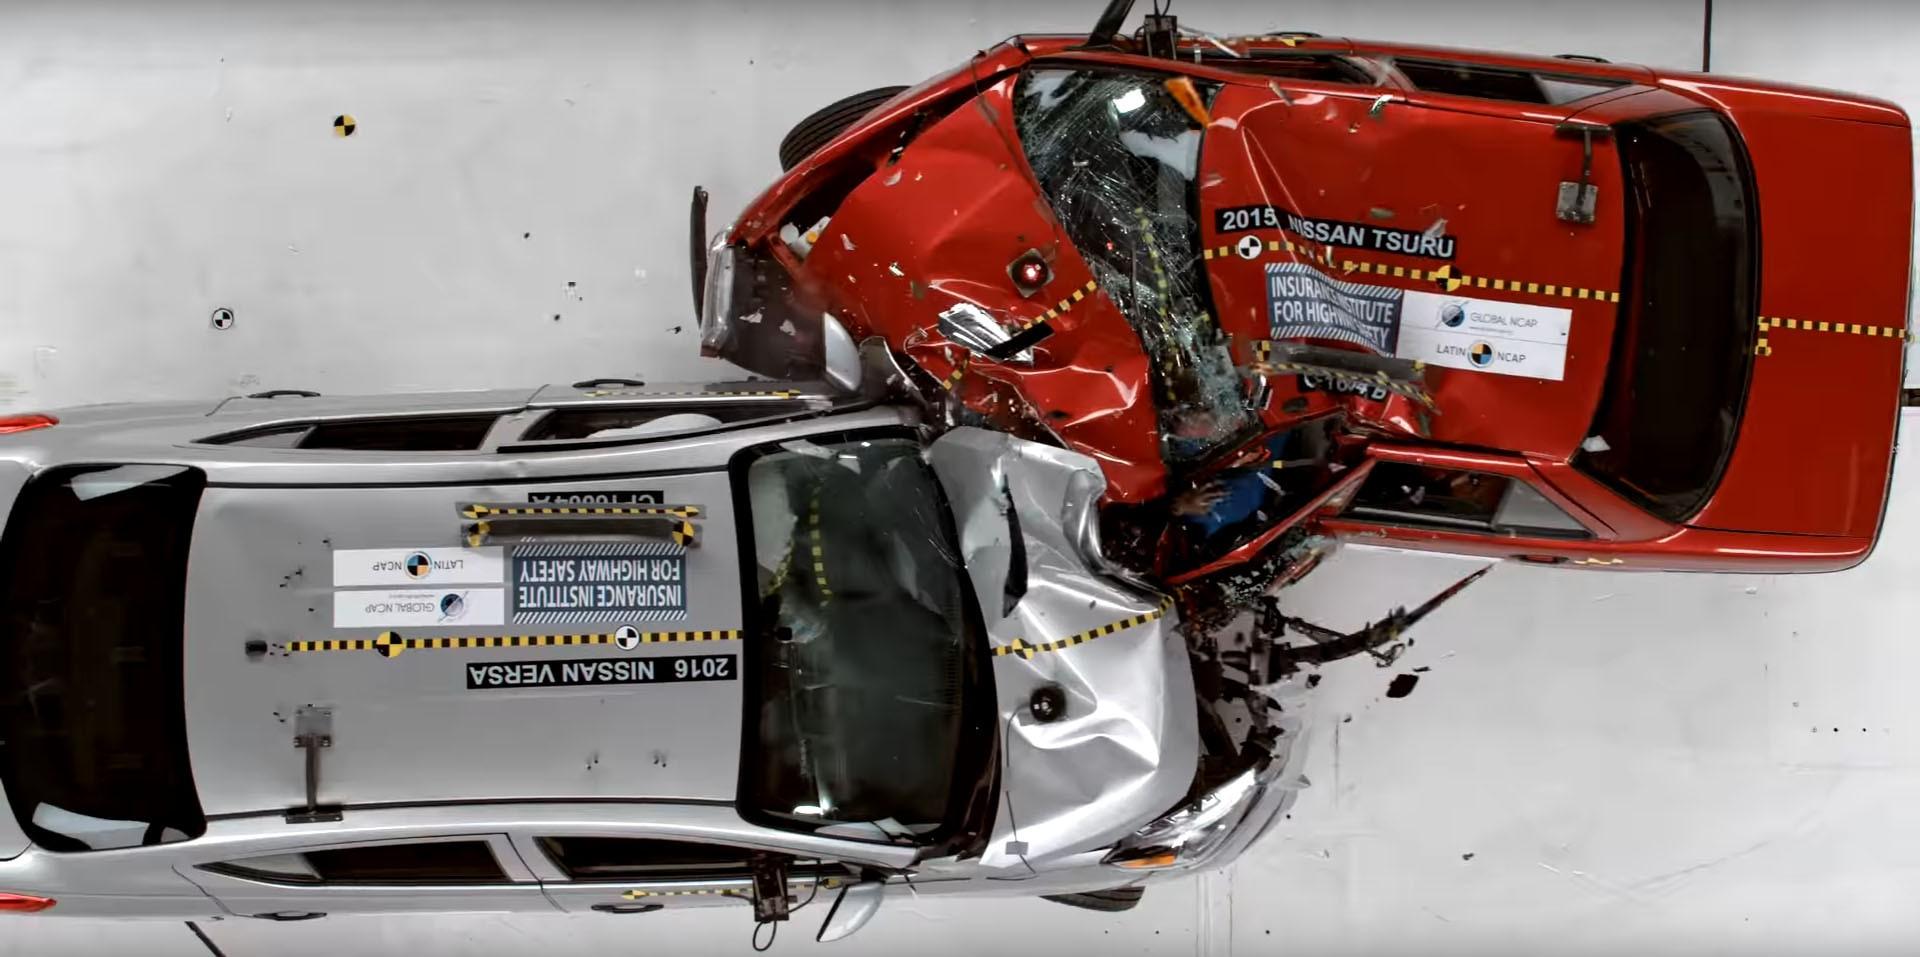 Краш-тест заставил Nissan отказаться от популярной модели 1